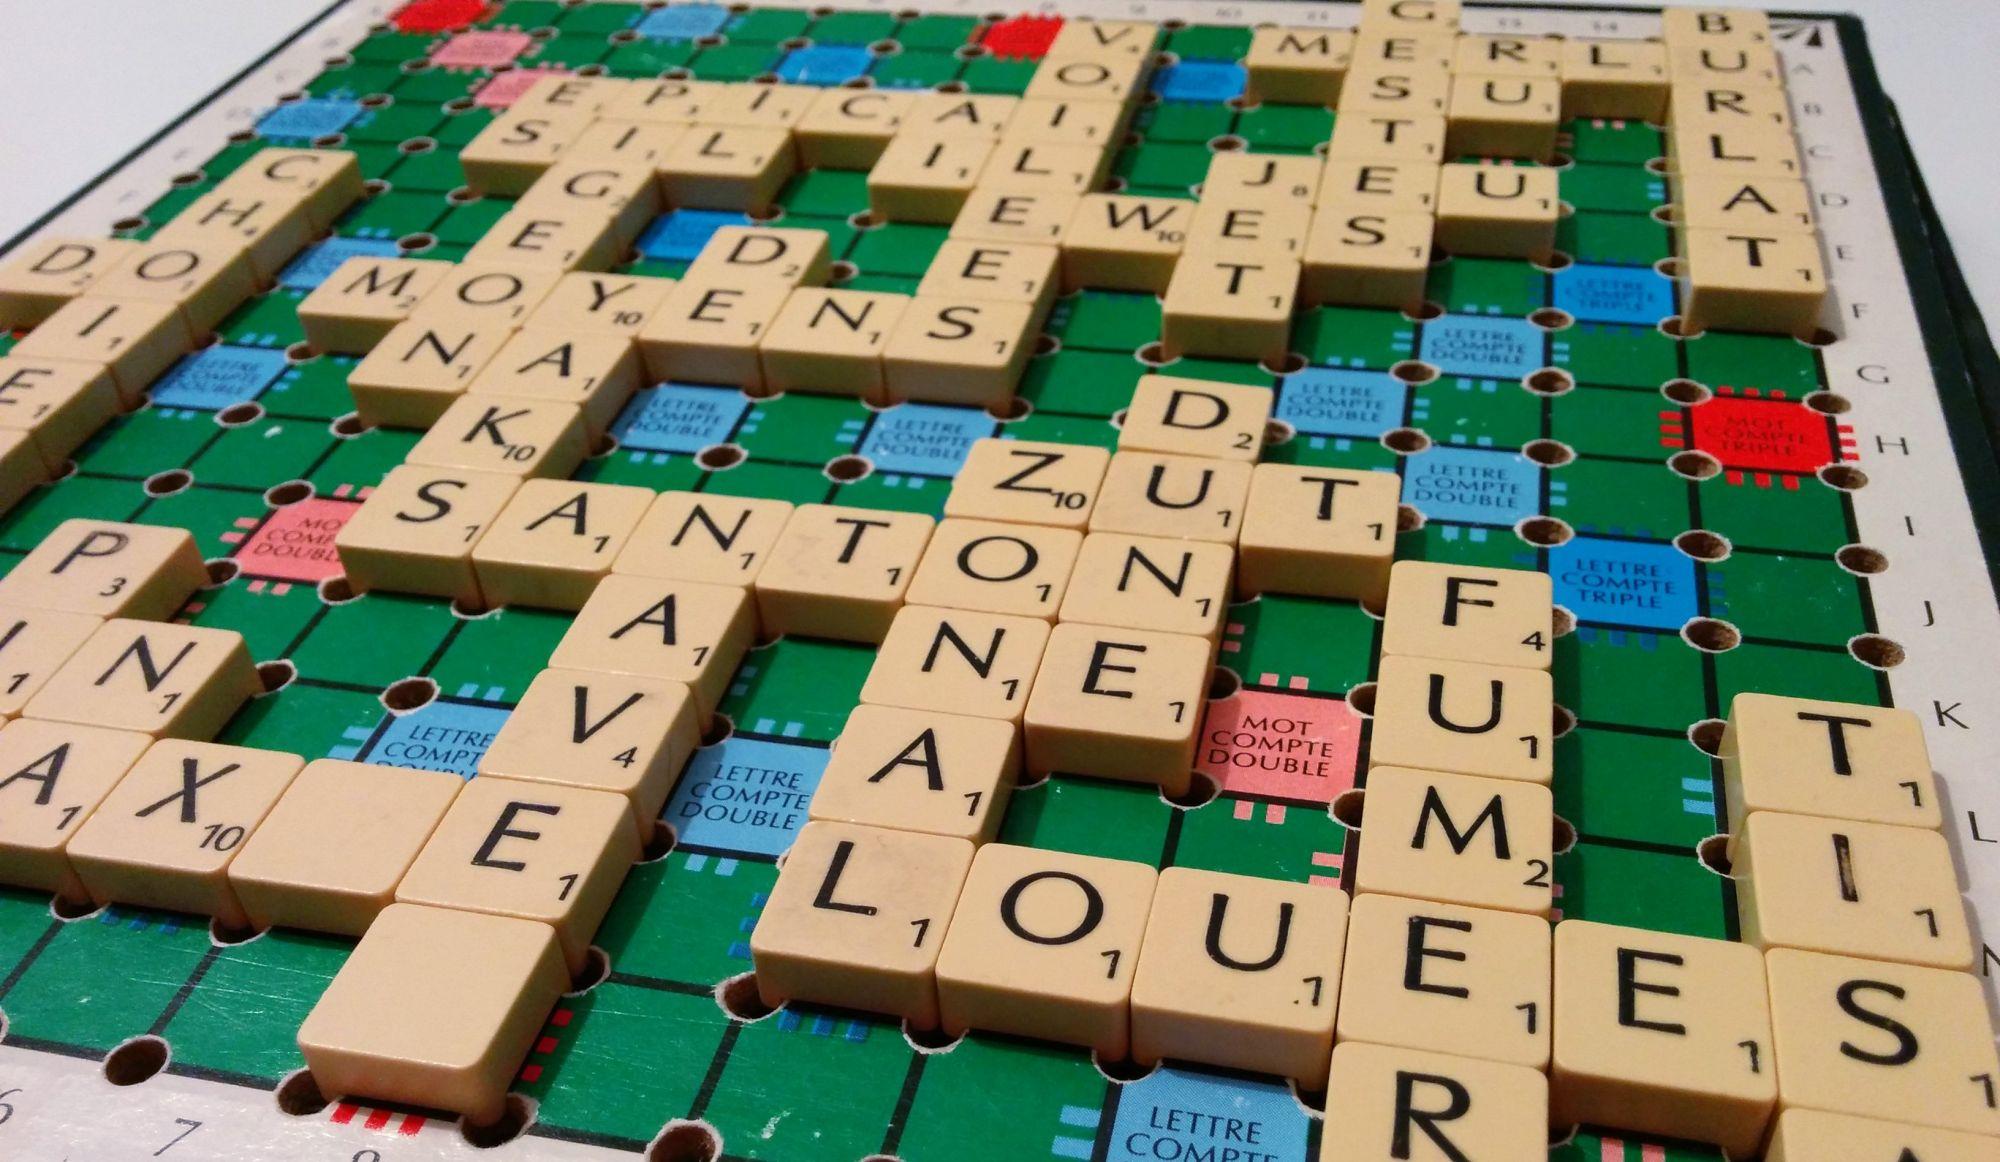 Tremblant accueille les Championnats du monde de Scrabble francophone